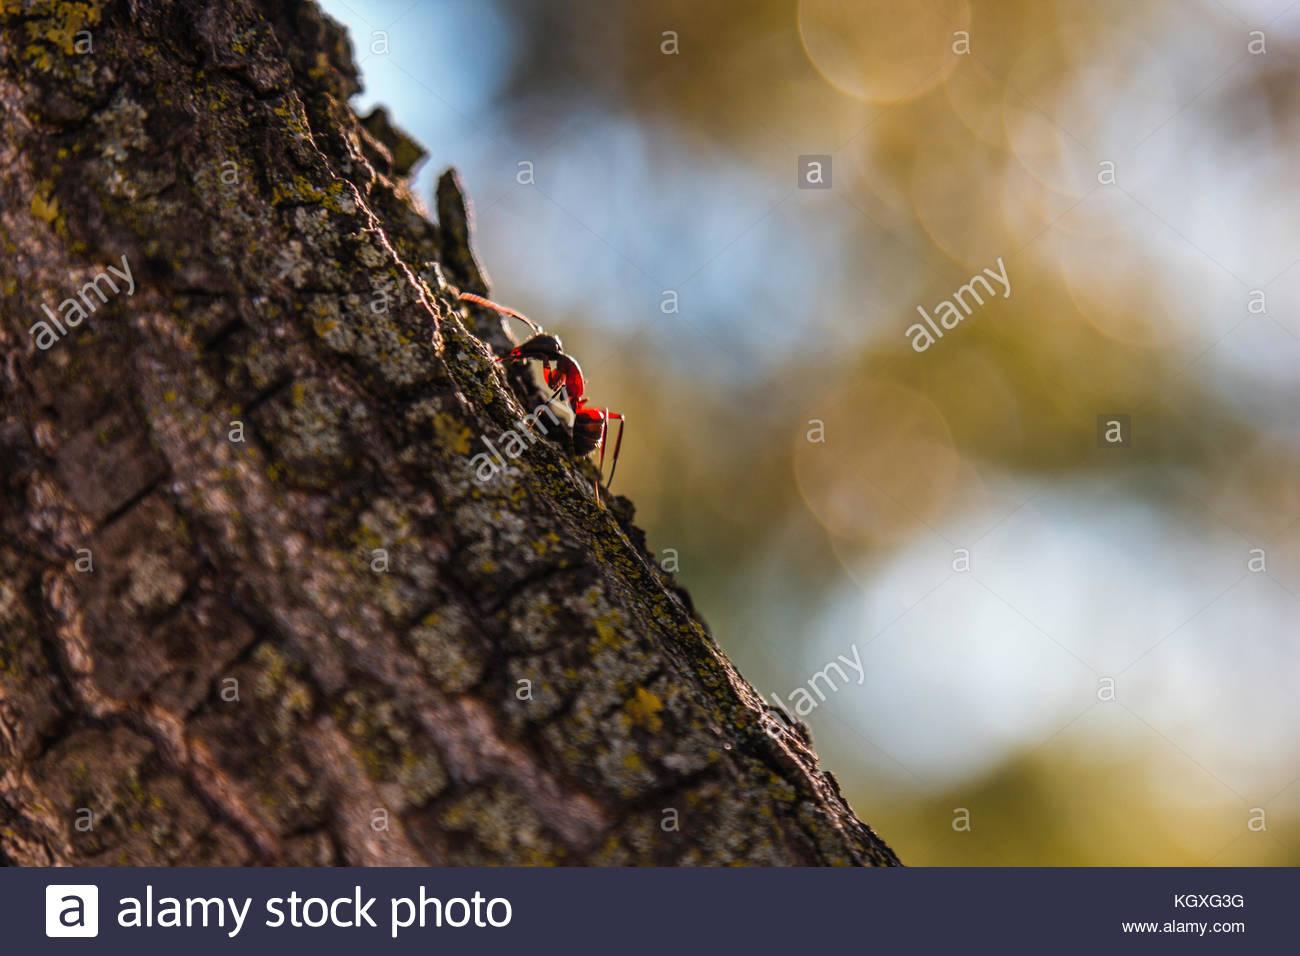 Eine einzelne Ameise krabbelt Um die Rinde eines Baumes auf der ...